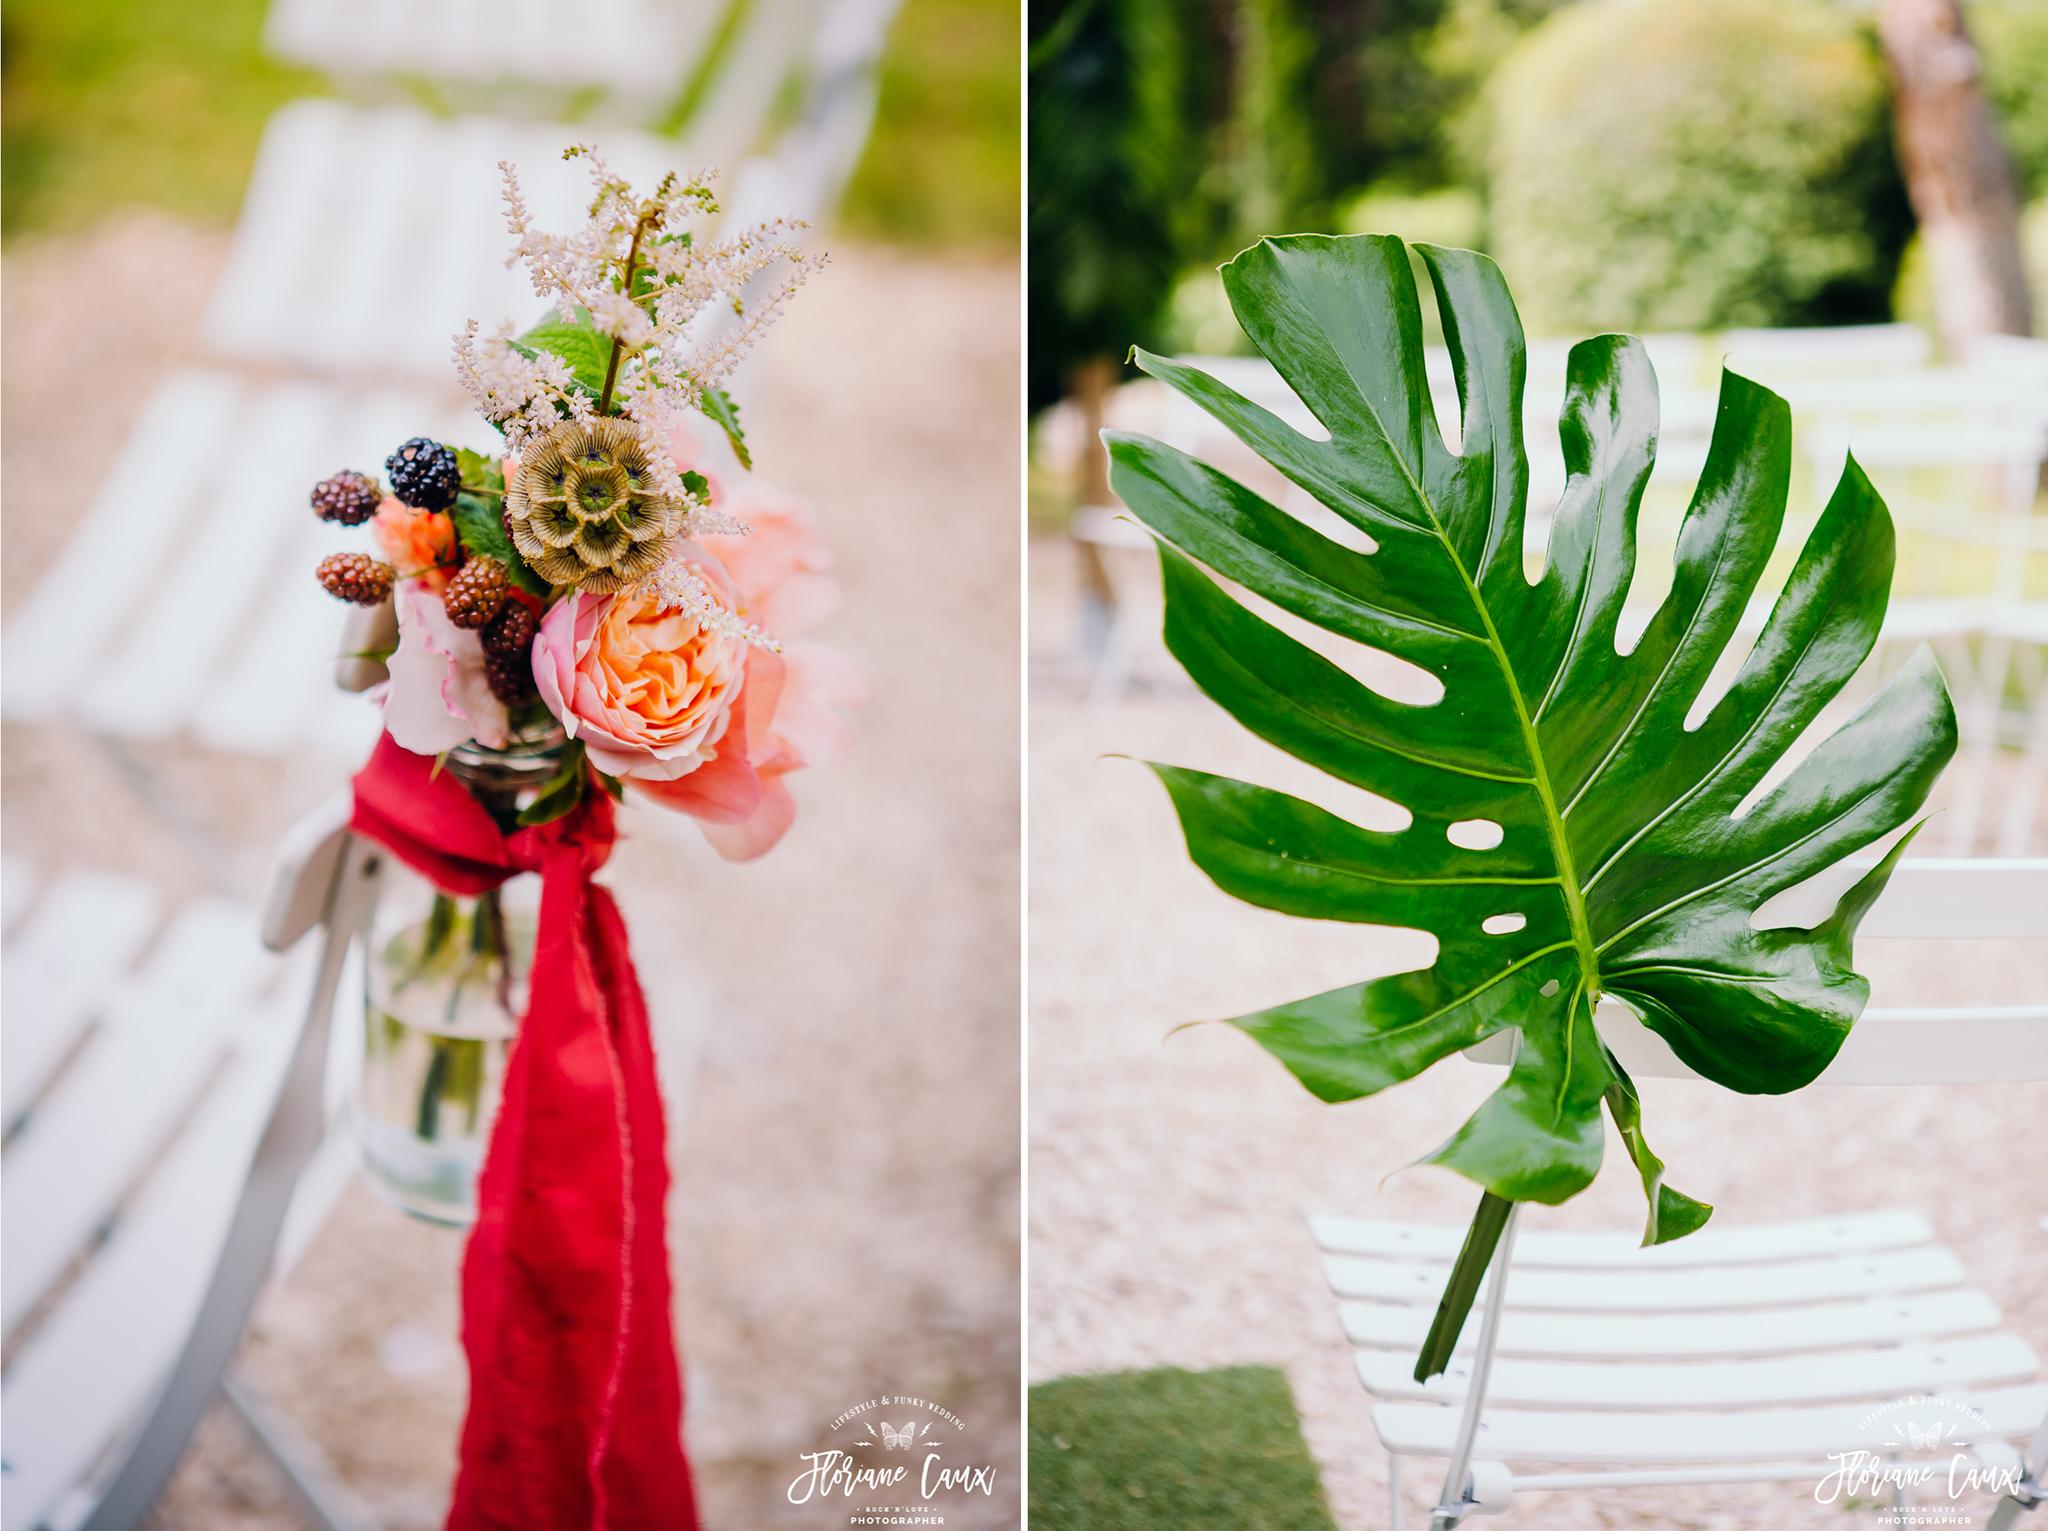 décoration florale de cérémonie laïque par Poppy Figue